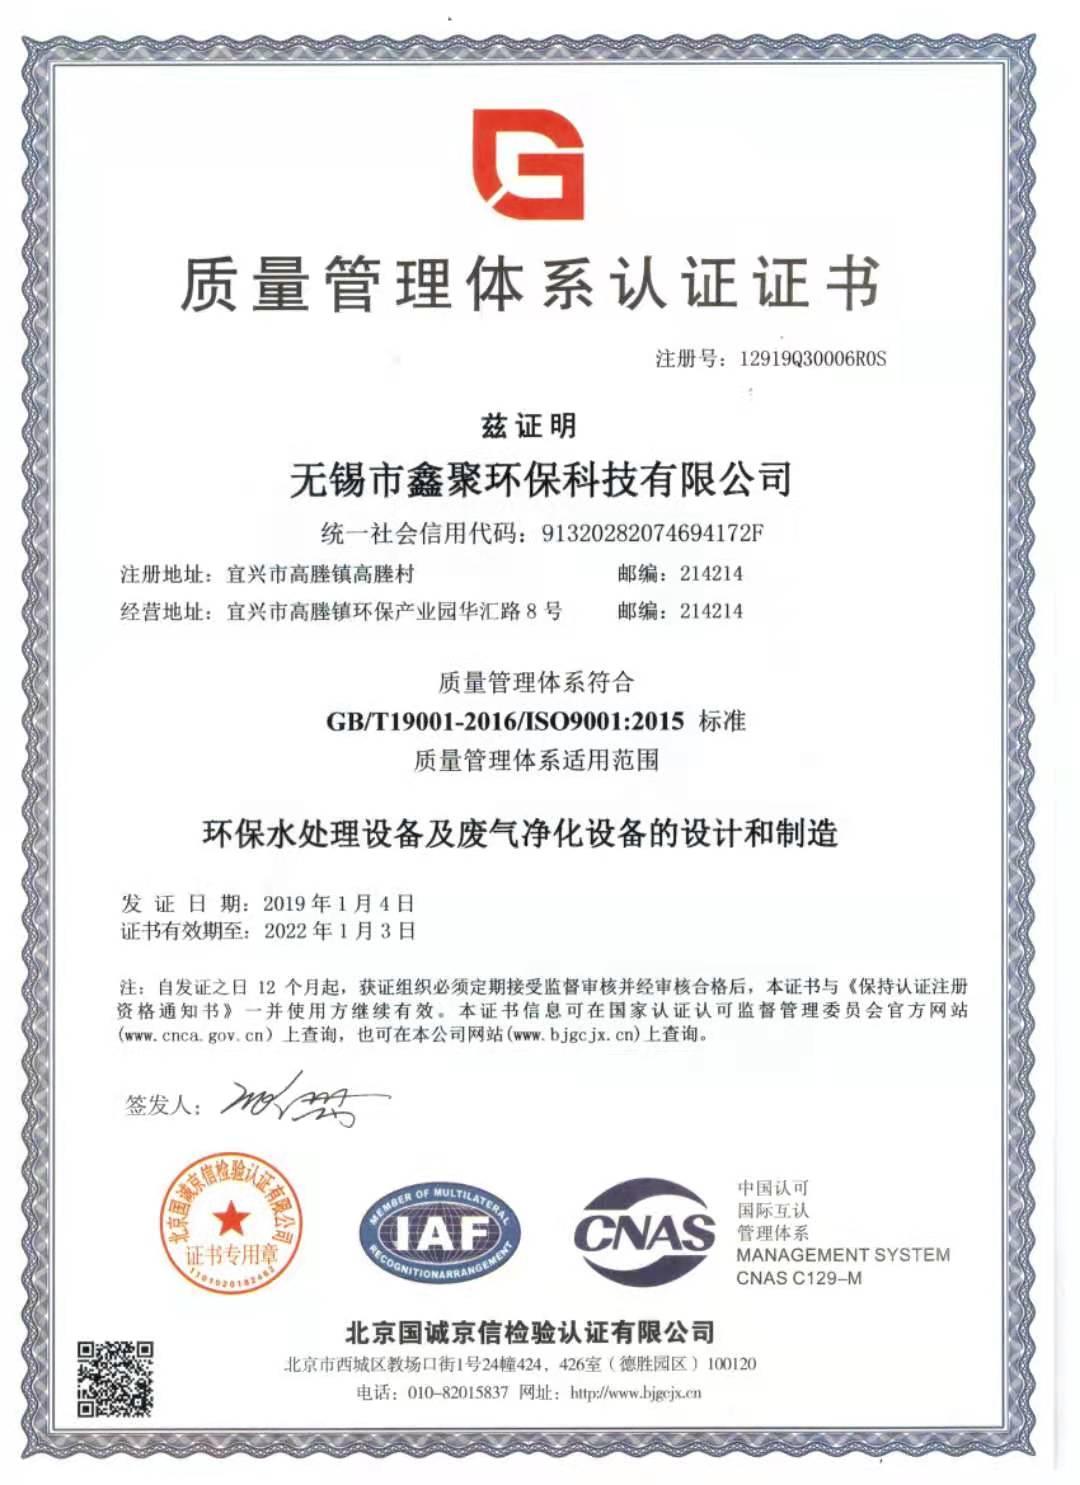 质量证书(中文)